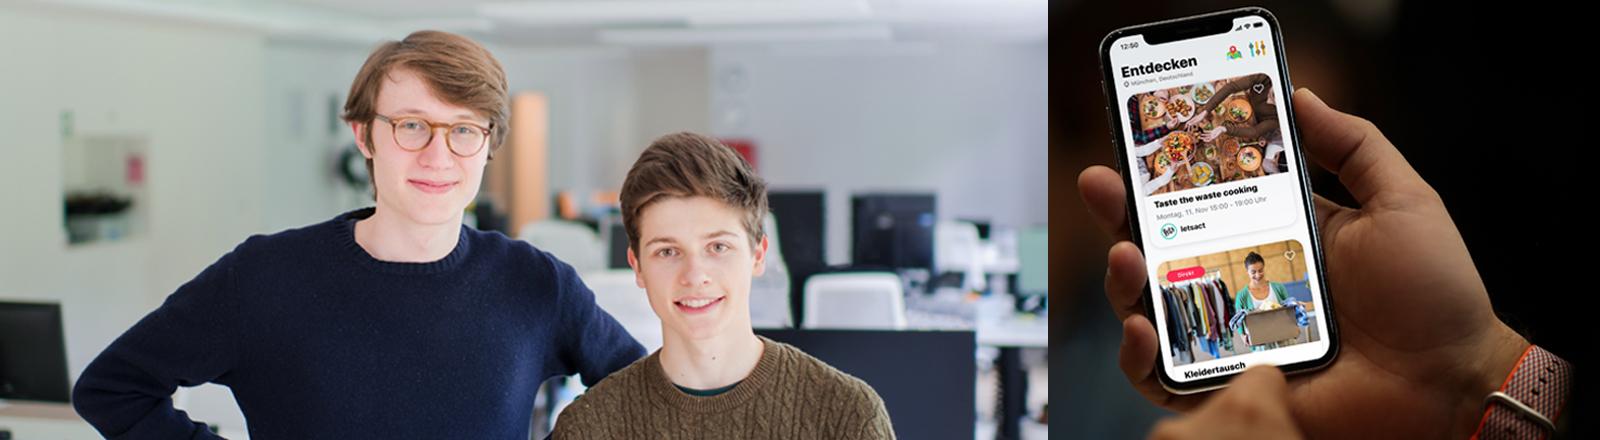 """Paul Bäumler und Ludwig Petersen, Gründer der App """"Letsact"""" / Mobiltelefon mit der geöffneten App """"Letsact"""""""